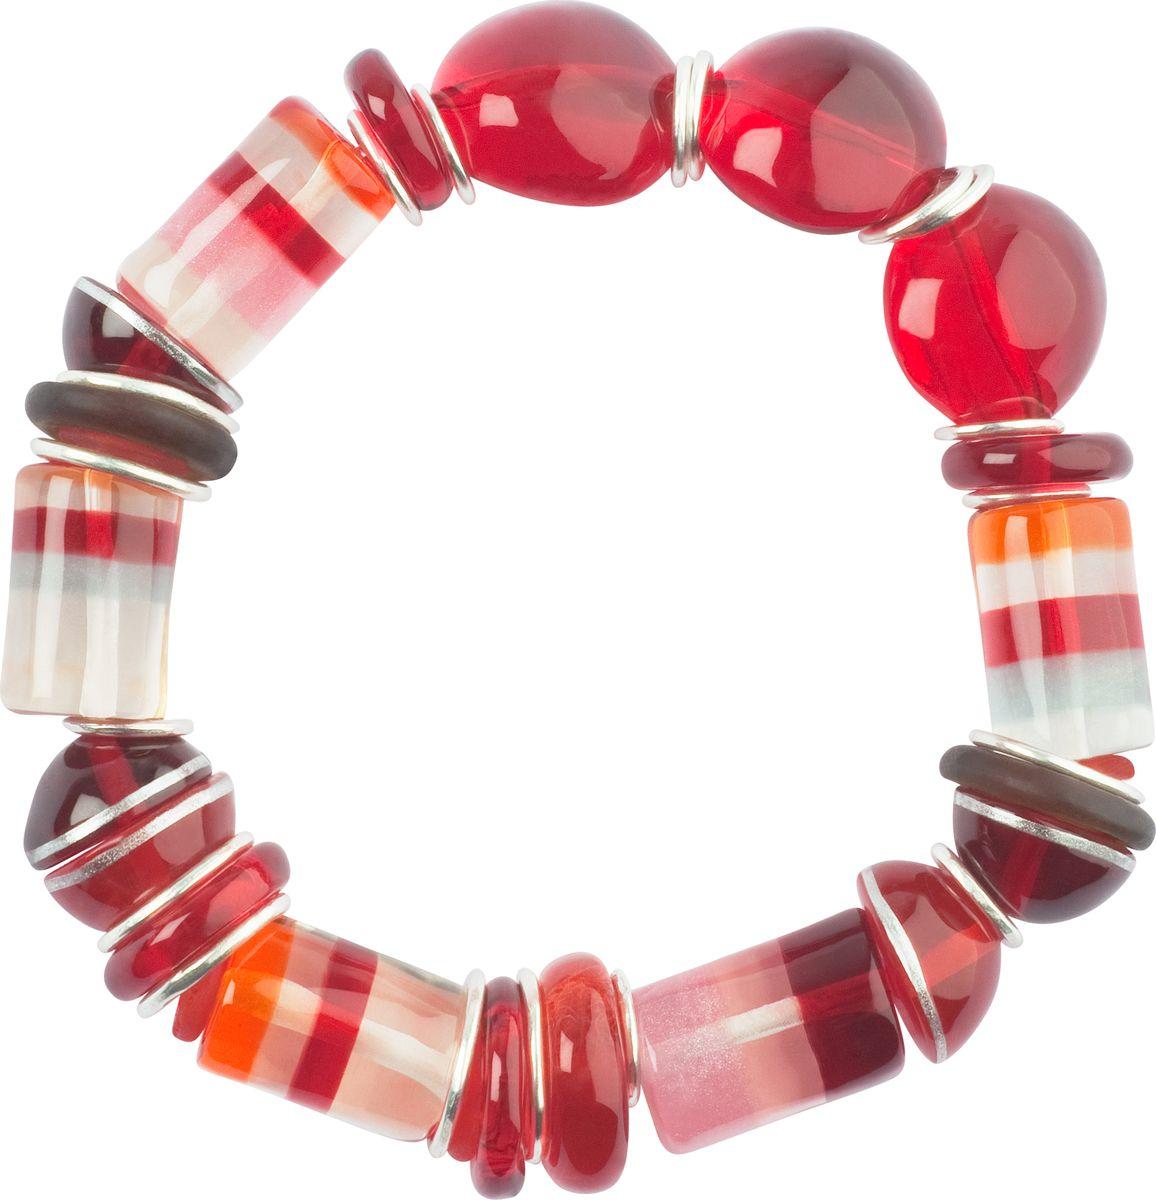 Браслет Lalo Treasures, цвет: красный, розовый. B2526/2Браслет с подвескамиОригинальный браслет Lalo Treasures выполнен из ювелирной смолы и металлического сплава. Декоративные элементы собраны на эластичной резинке, с помощью которой браслет растягивается до необходимого размера.Стильное украшение поможет дополнить любой образ и привнести в него завершающий яркий штрих.